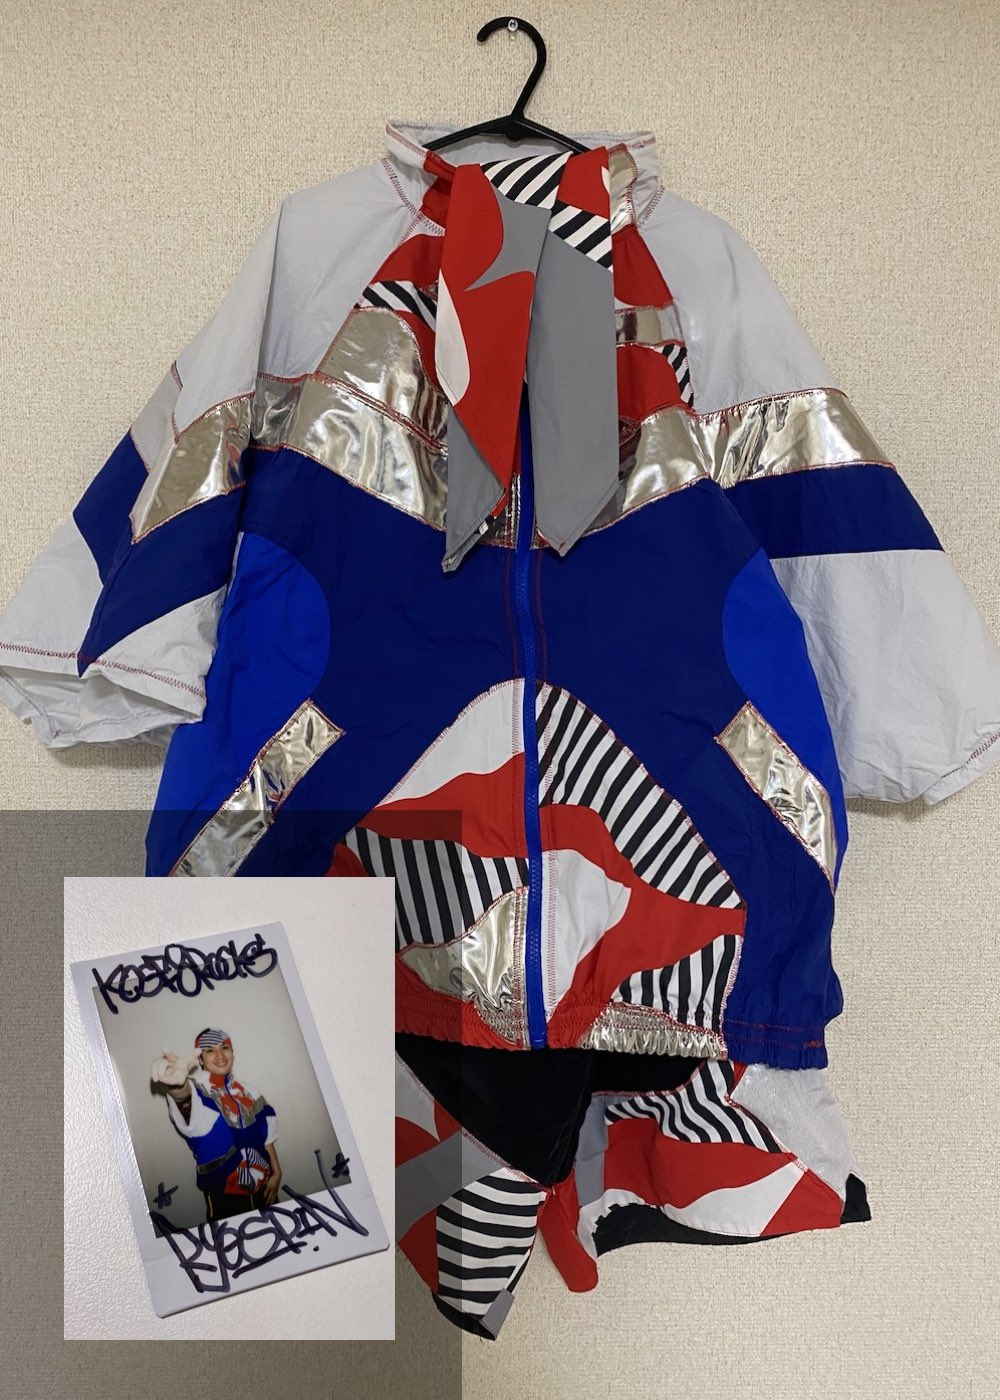 【Ryo-spin】「Semi Final 2nd Match 衣装(上下)+サイン入りチェキ」